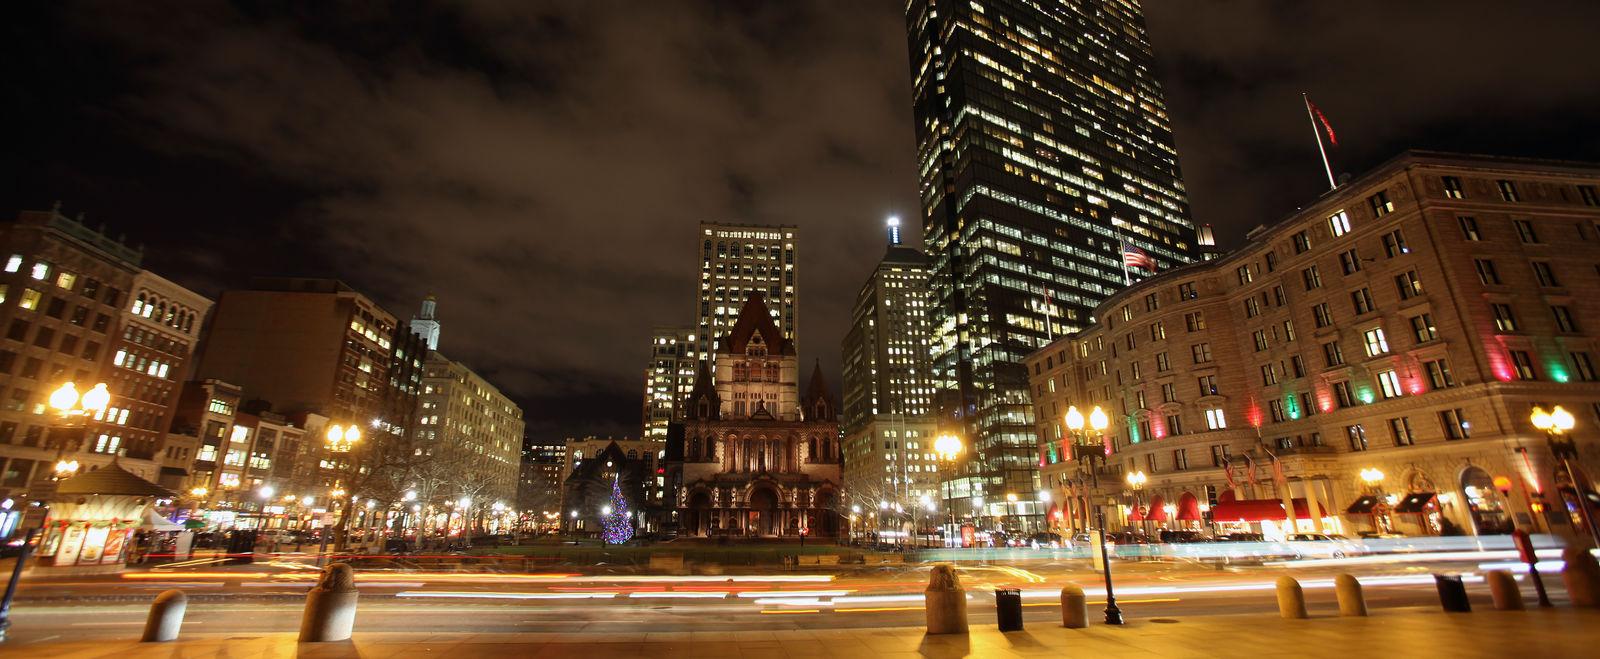 Boston Copley Square